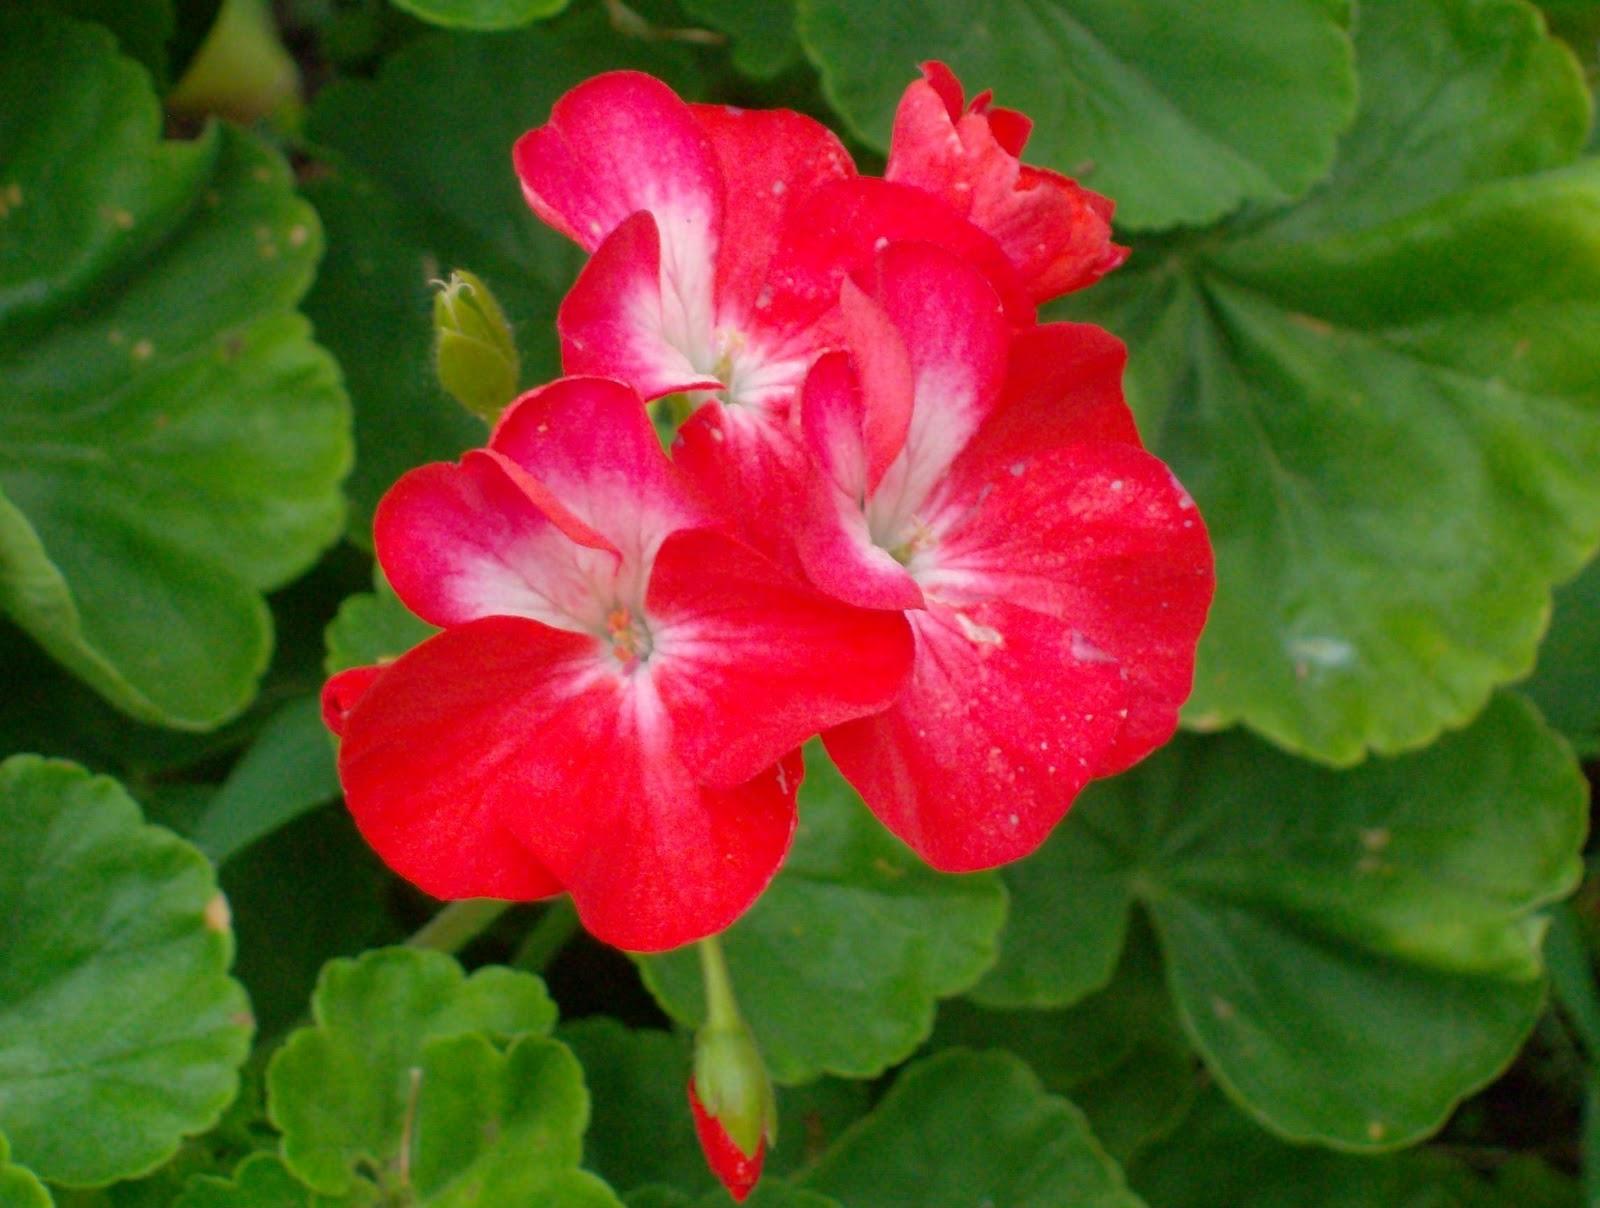 flores jardim sardinheiras : flores jardim sardinheiras ? Doitri.com